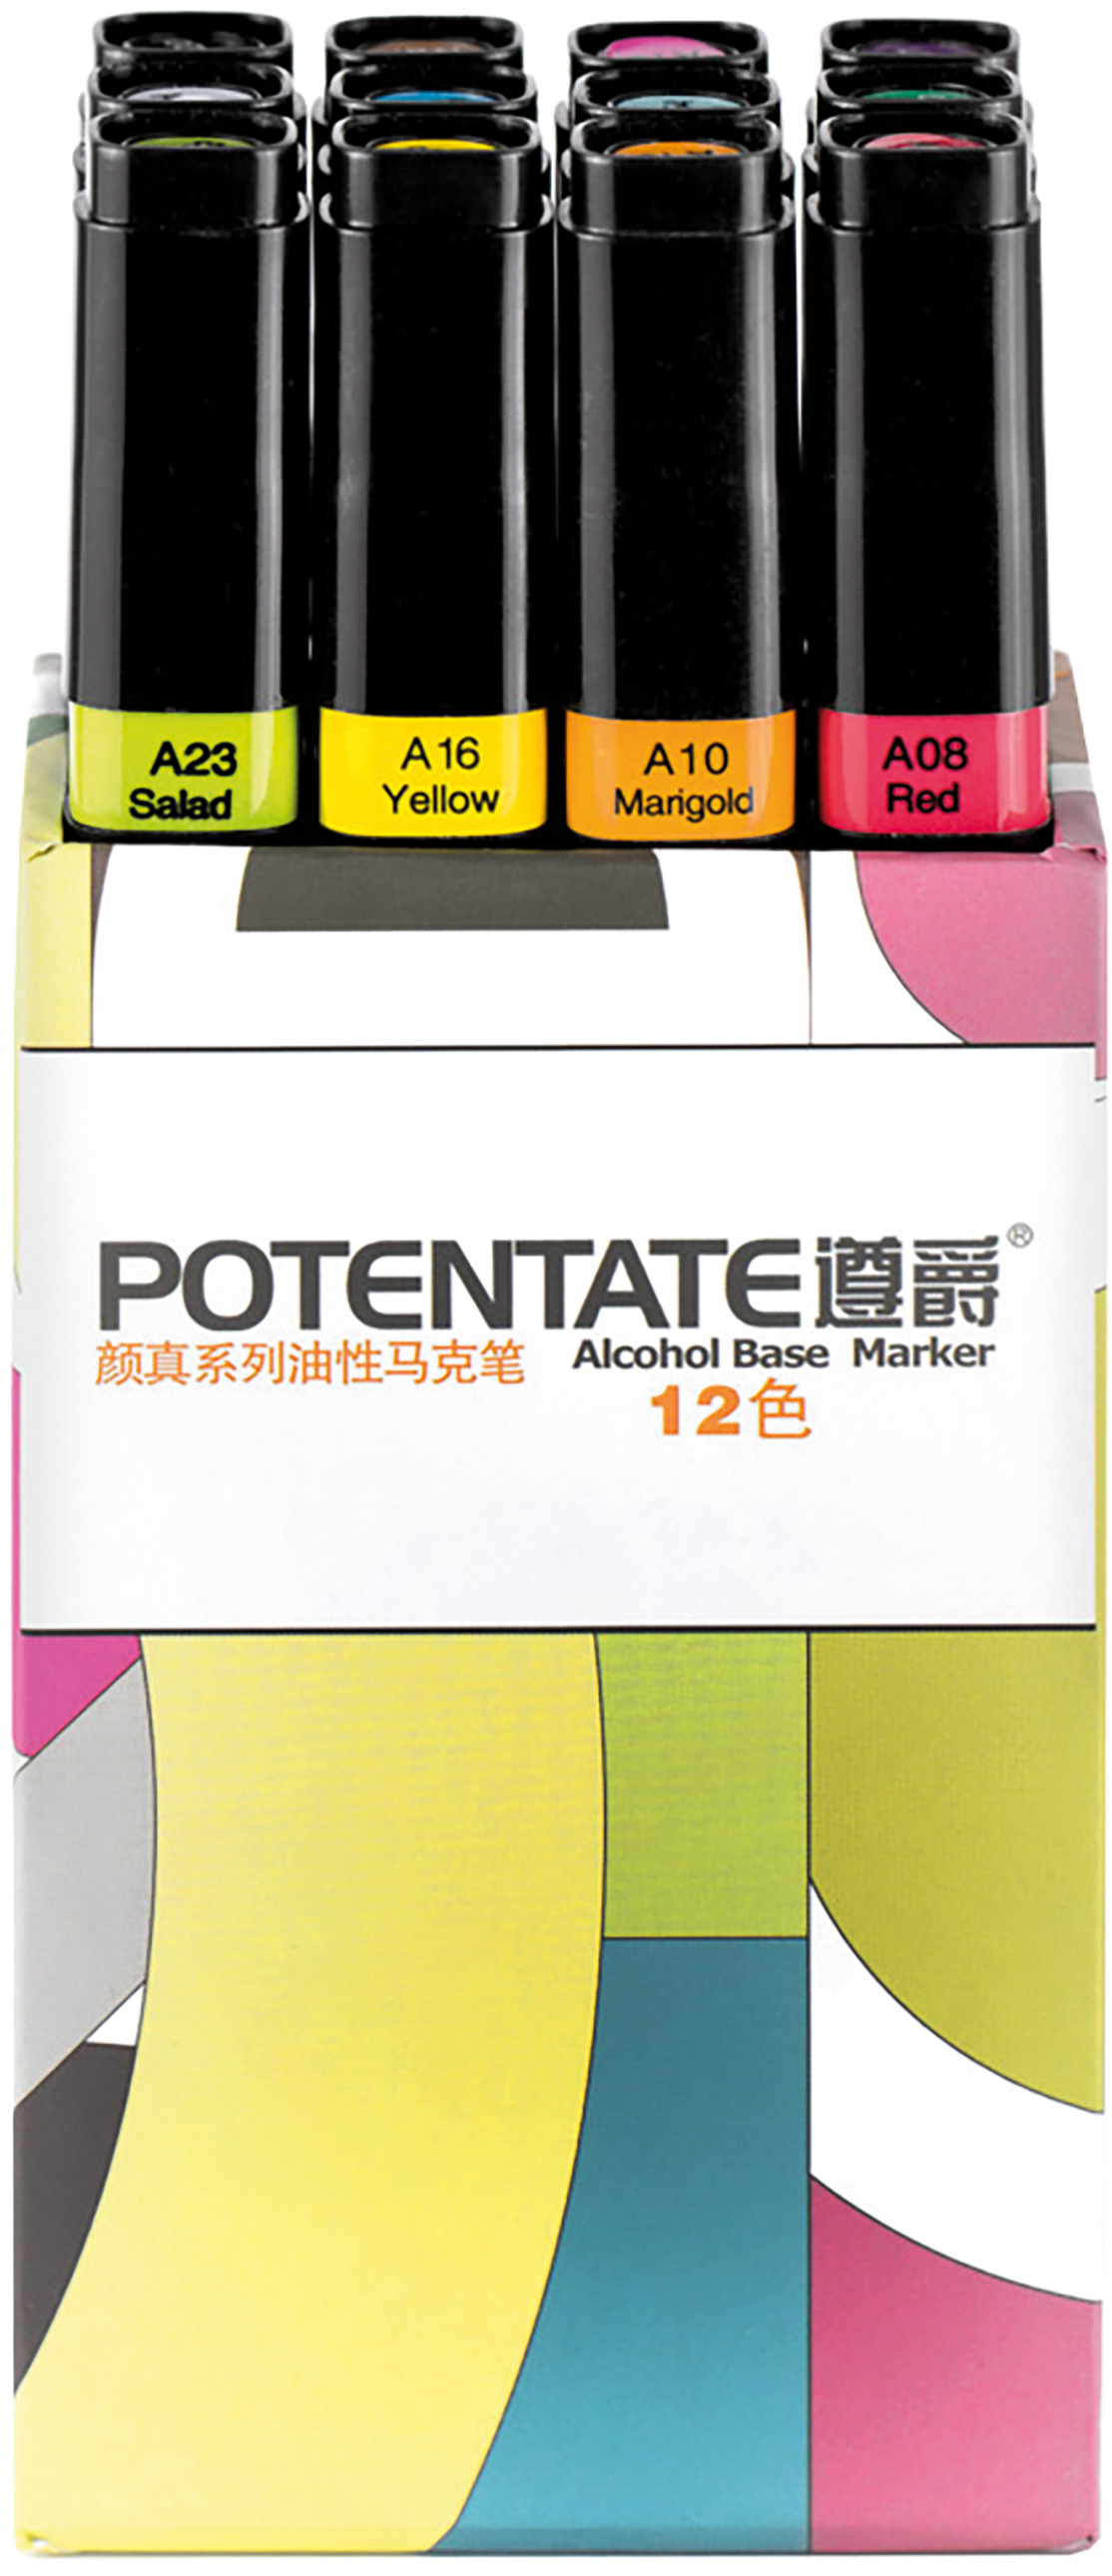 """Potentate Набор маркеров Box Set 12 цветов010107Спиртовые маркеры Potentate обладают всеми необходимыми качествами для рисования скетчей на любую тематику. Широкая цветовая палитра дает возможность прорабатывать переходы между оттенками. Каждый маркер имеет два пера: тонкое для прорисовки мелких деталей и широкое-долото для закрашивания больших поверхностей. Плотно закрывающийся колпачок предохраняет маркер от высыхания, а цветовая полоска на корпусе маркера соответствует цвету выкраски и позволяет легко ориентироваться при подборе палитры. Маркеры быстро высыхают на бумаге. Под маркой POTENTATE доступны маркеры поштучно и в наборах от 12 до 120 цветов. Маркеры подойдут для тех, кто хочет рисовать много и нарабатывать навыки скетчинга без ограничений в средствах. В отличие от большинства китайских OEM маркеров на заказ для европейцев, маркеры POTENTATE являются """"родным"""" брендом крупнейшего производителя маркеров в Китае и им уделяется больше внимания по качеству продукции собственной марки. В наборе 12 цветов: А120, А87, А76, А71, А66, А55, А54, А40, А08, А10, А16, А23. Основные характеристики: - палитра 120 цветов; - два пера: тонкое и широкое-долото - удобный квадратный корпус, маркеры на скатываются по столу; - индикатор цвета на корпусе маркера и колпачке; - спиртовые, быстро высыхают на бумаге; - низкий расход чернил; - прозрачные цвета для проработки переходов; - блендер для размывок и эффектов;"""